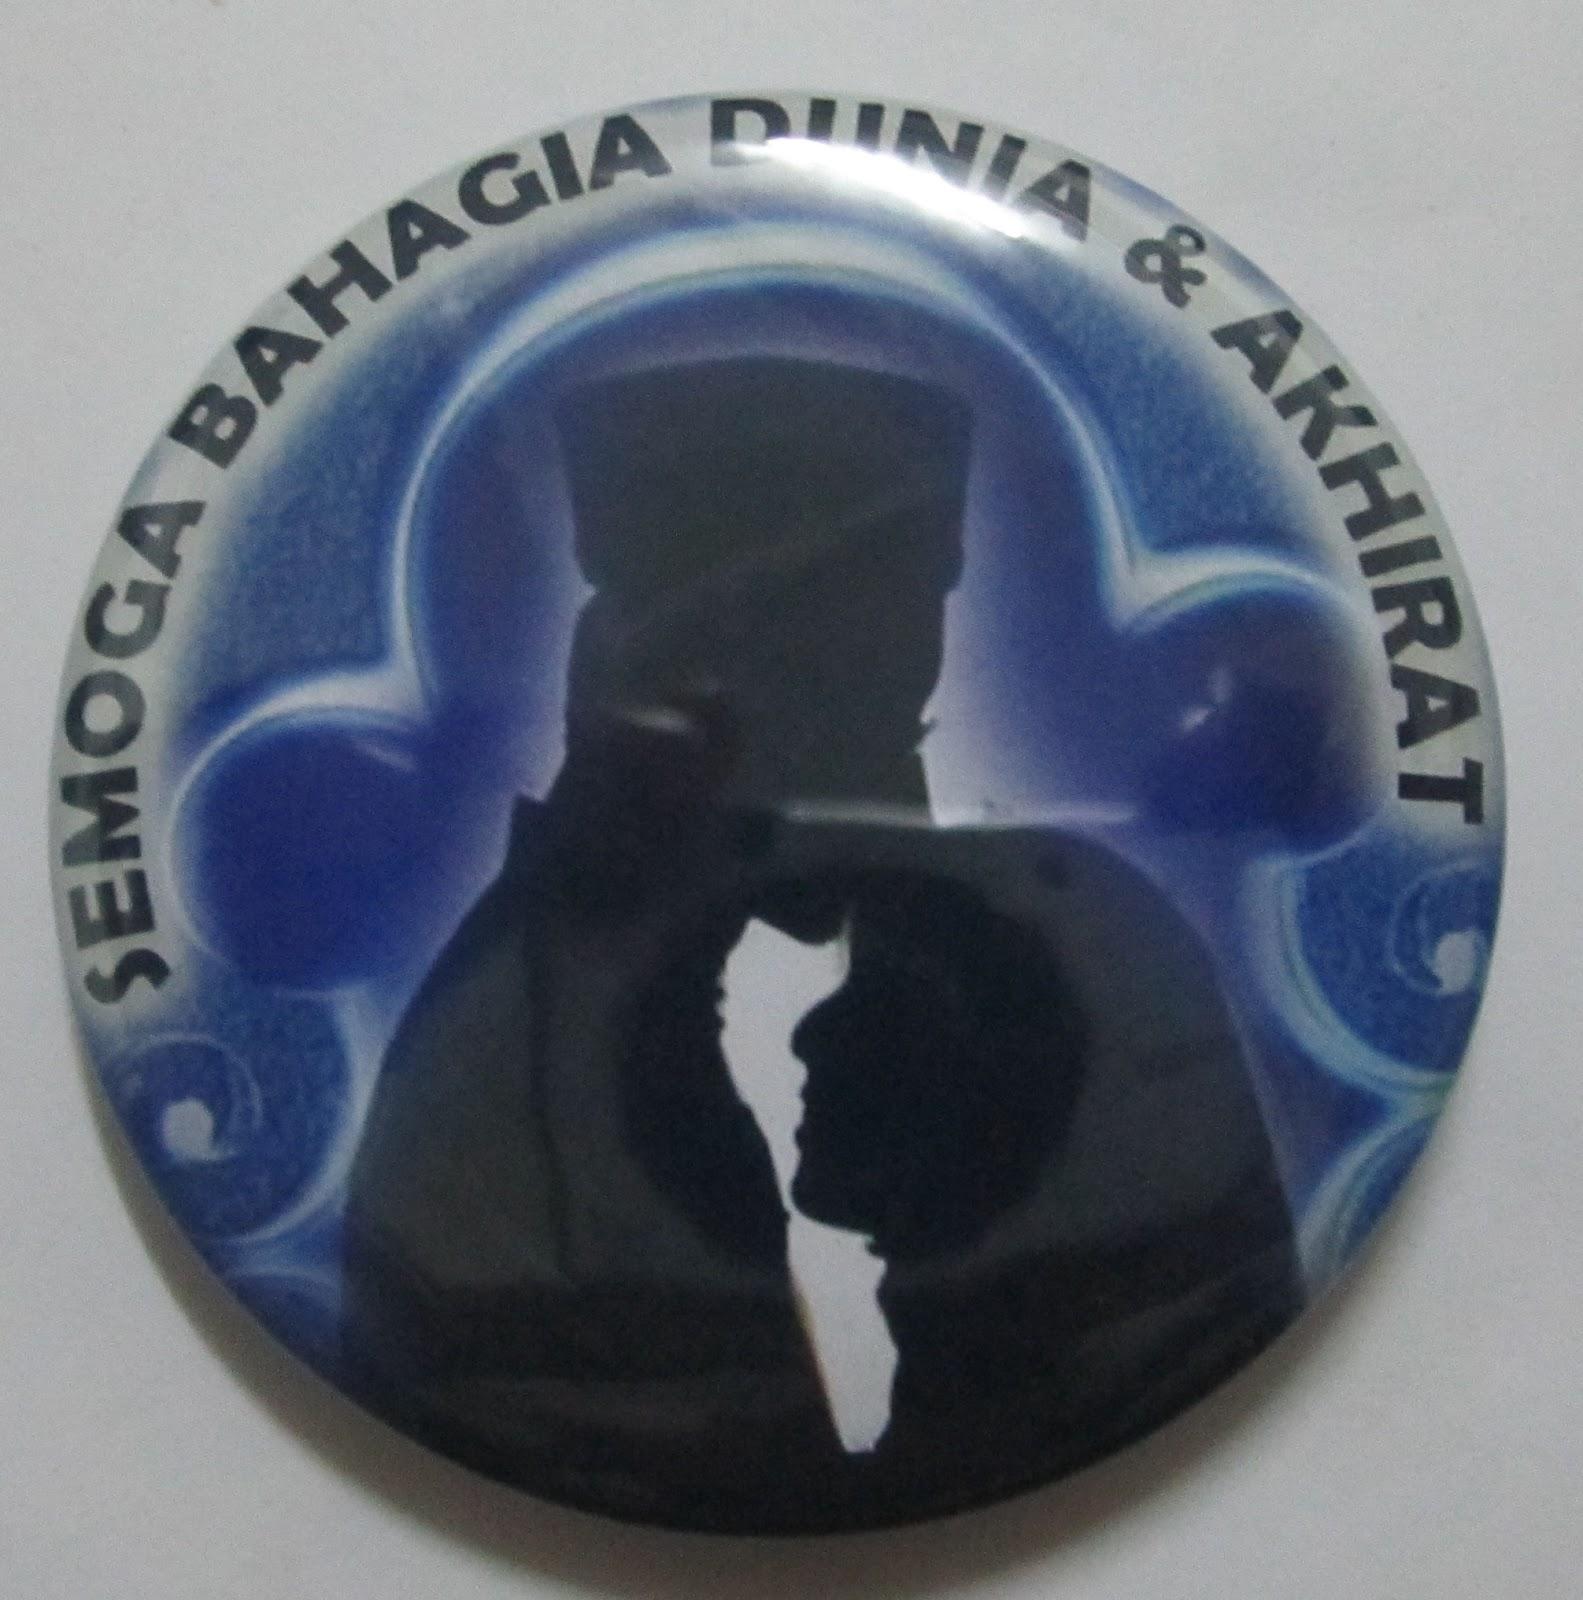 Button Badge Design jbsb creative enterprise contoh design button badge ready made